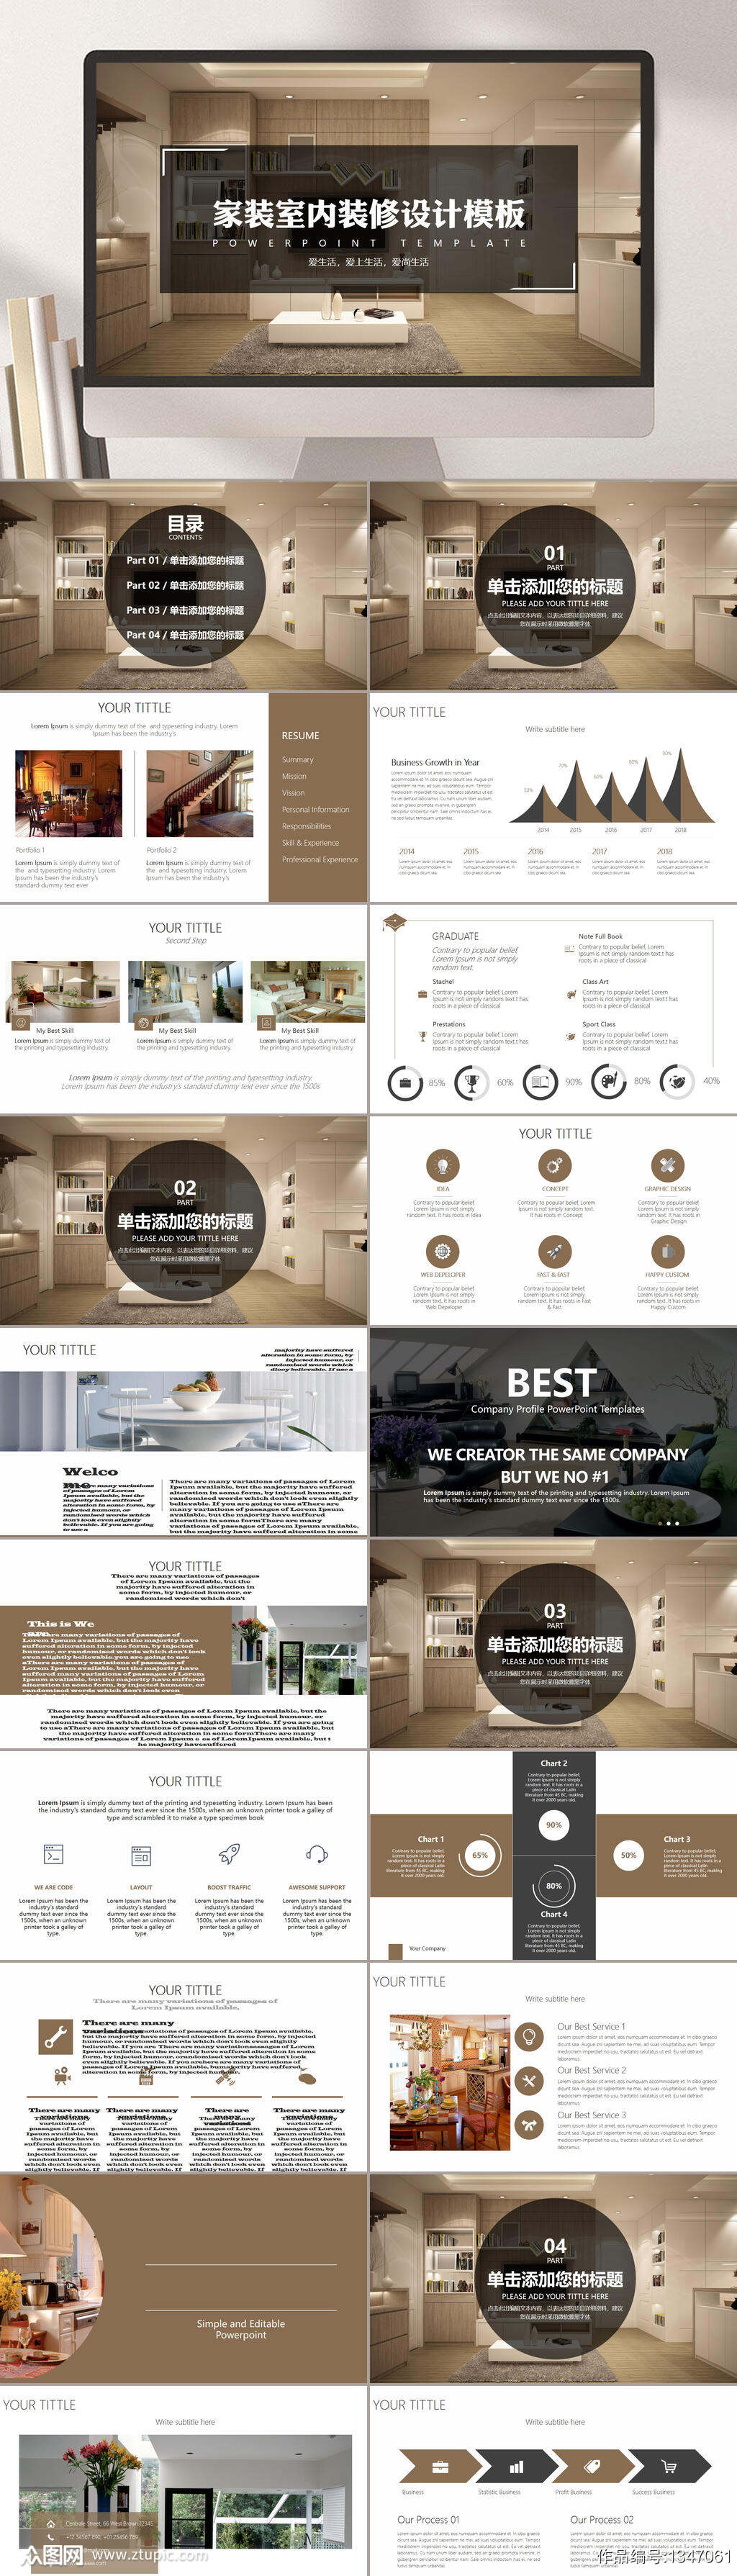 家装室内装修设计PPT素材